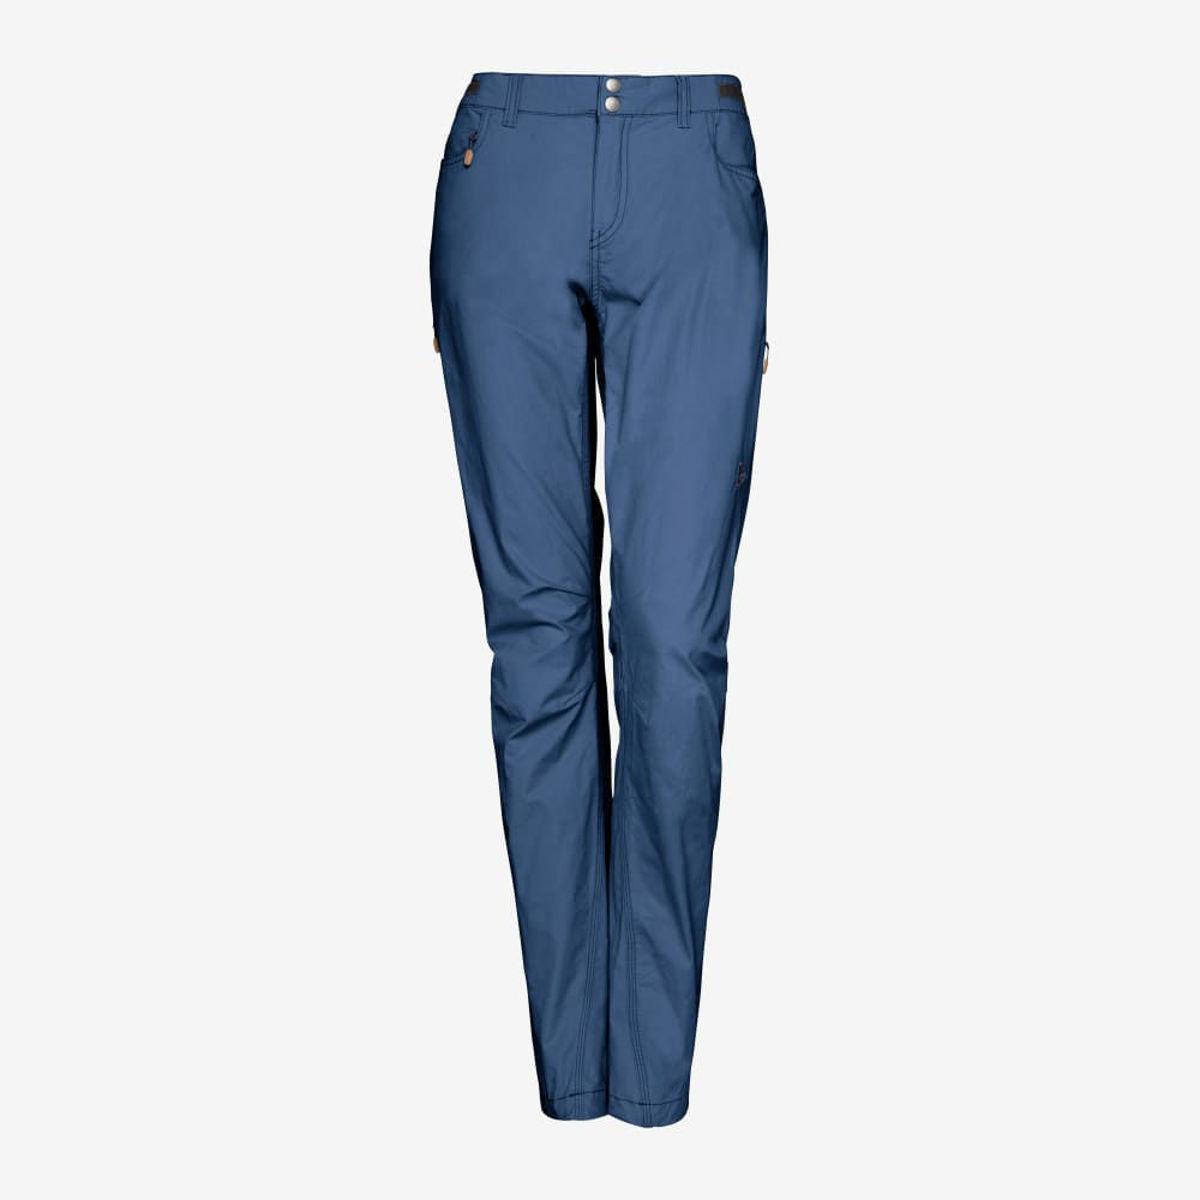 Bilde av svalbard light cotton Pants (W)